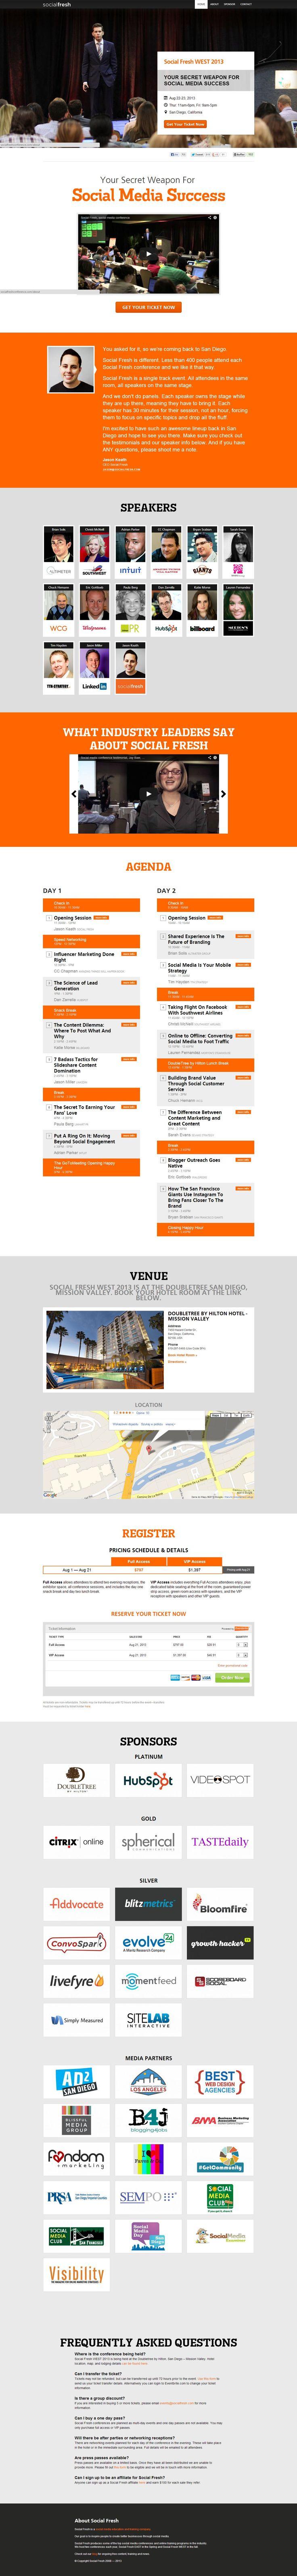 Flat design for Social Media Conference